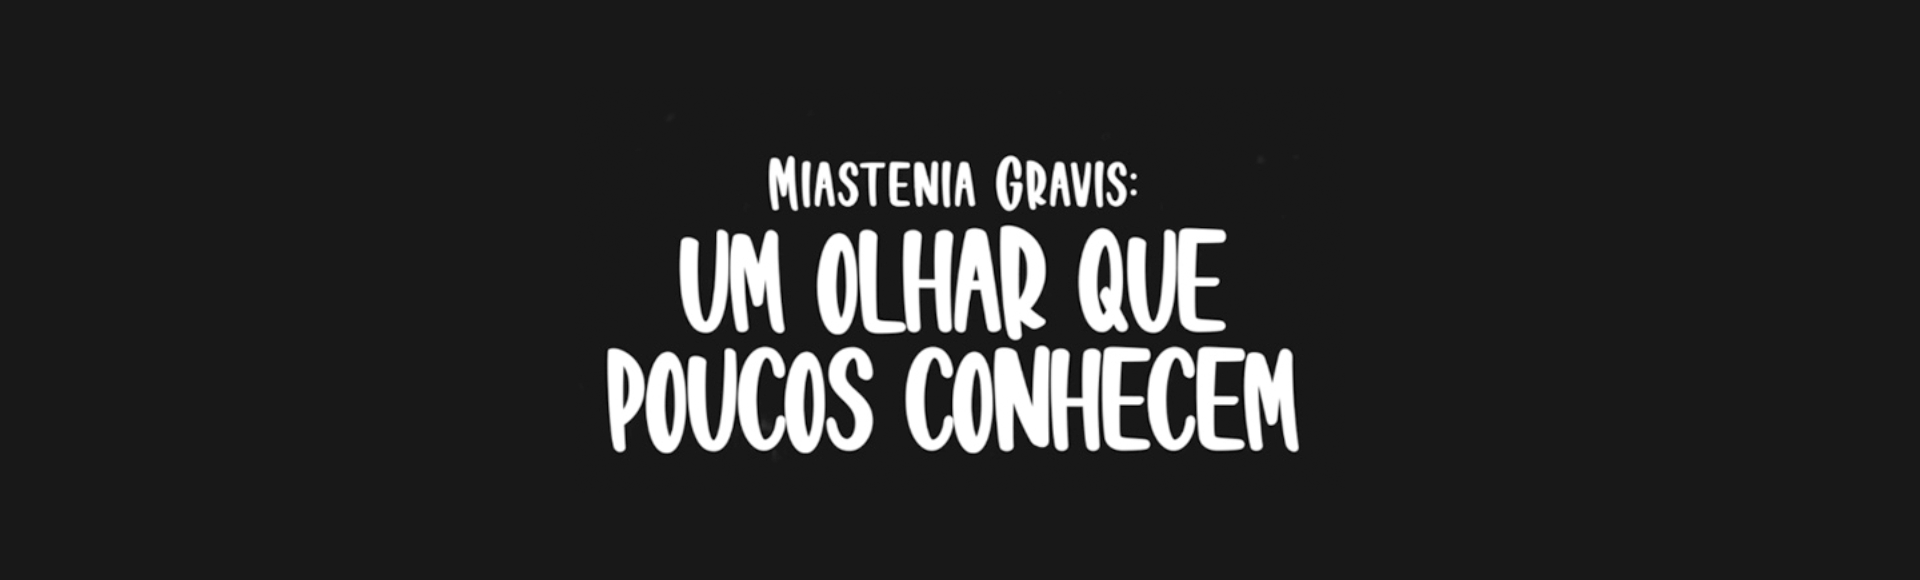 banner   Miastenia Gravis - Um olhar que poucos conhecem